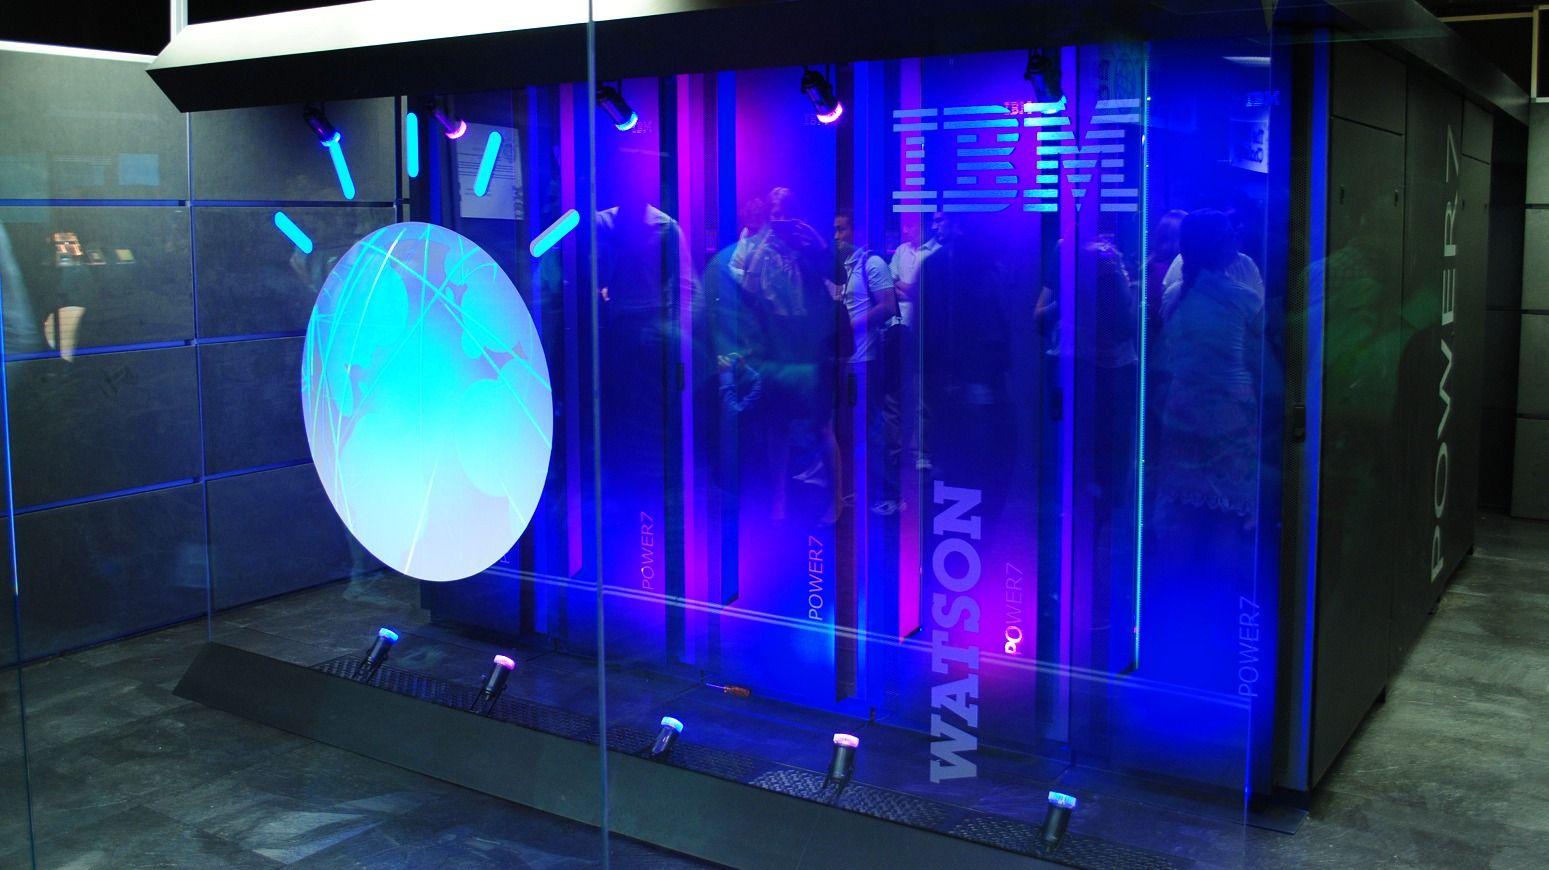 IBM er i ferd med å gjøre noe smart